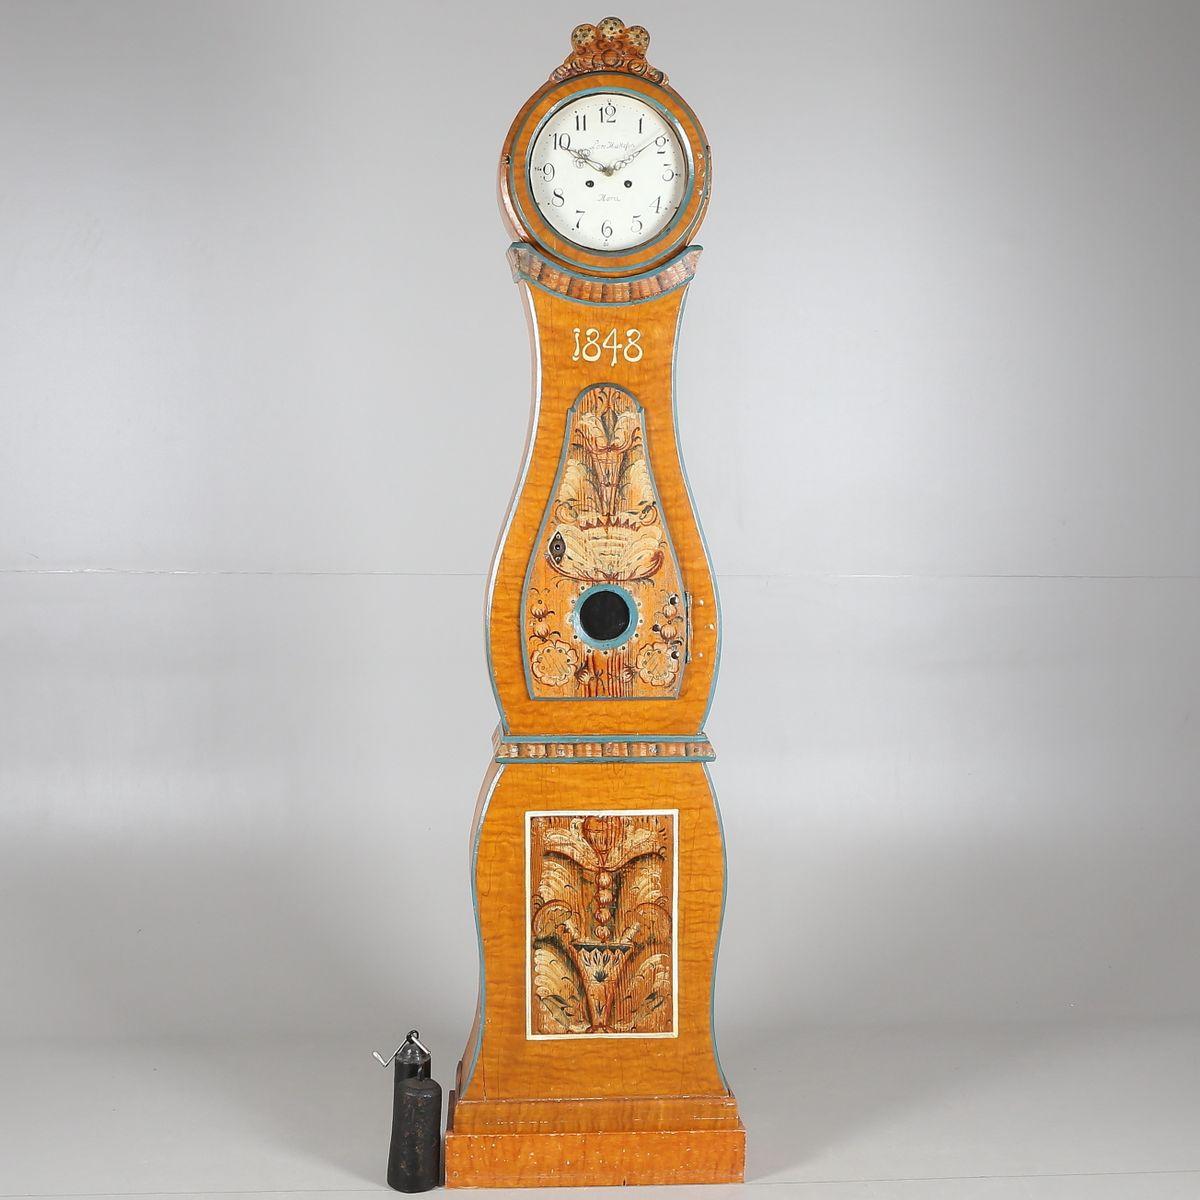 Horloge de mora antique su de 1848 en vente sur pamono for Horloge eames